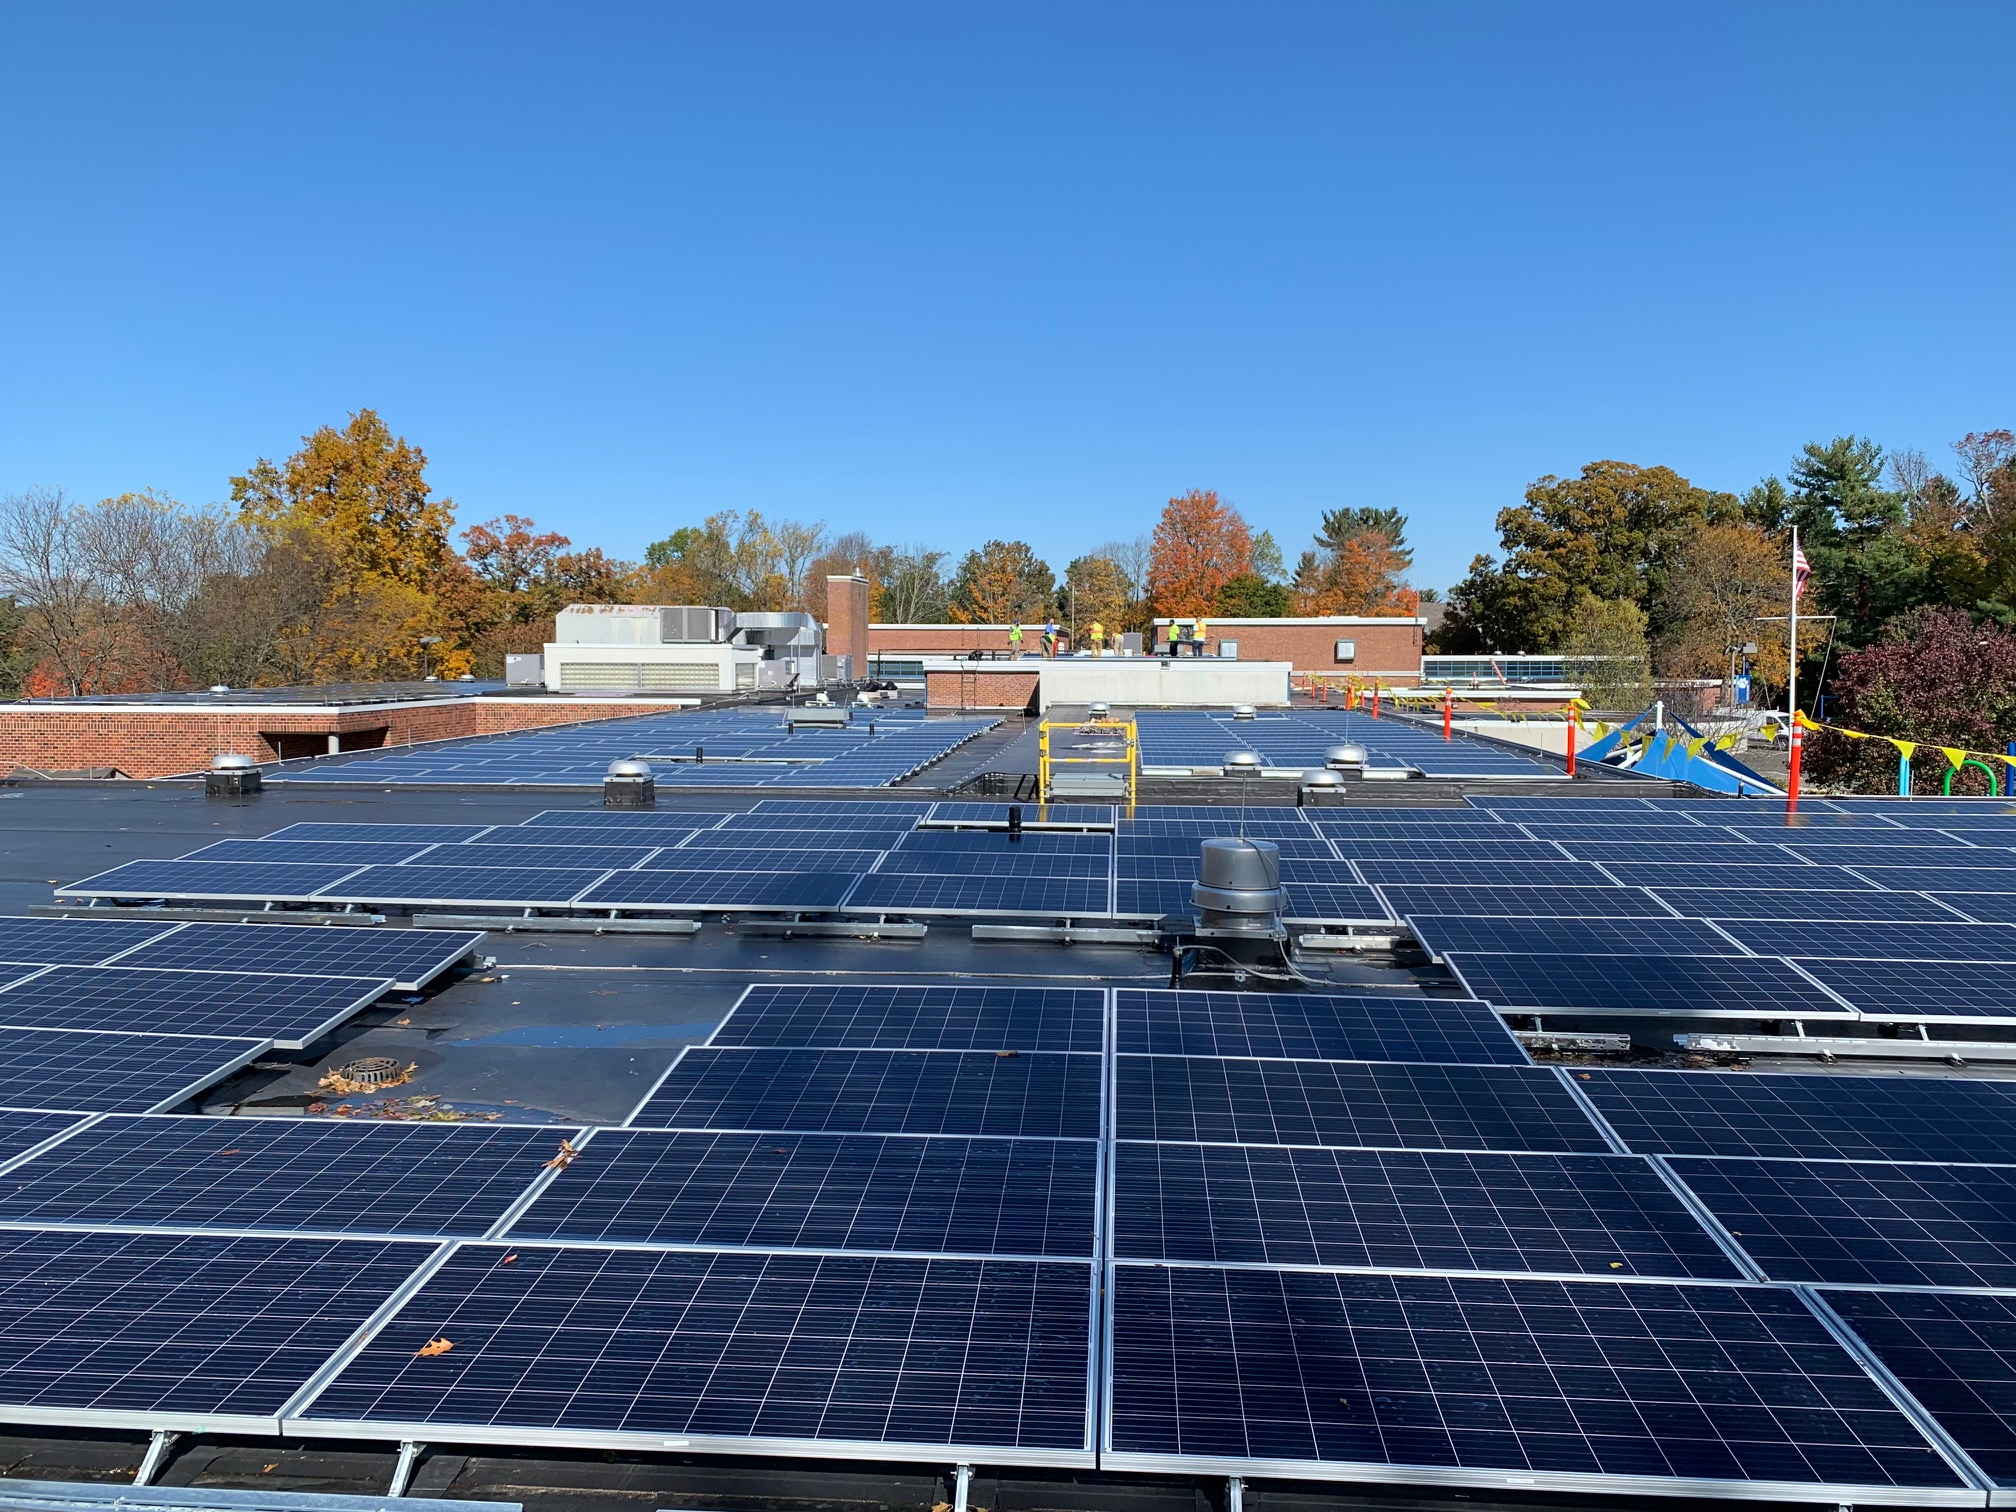 South School Solar PV